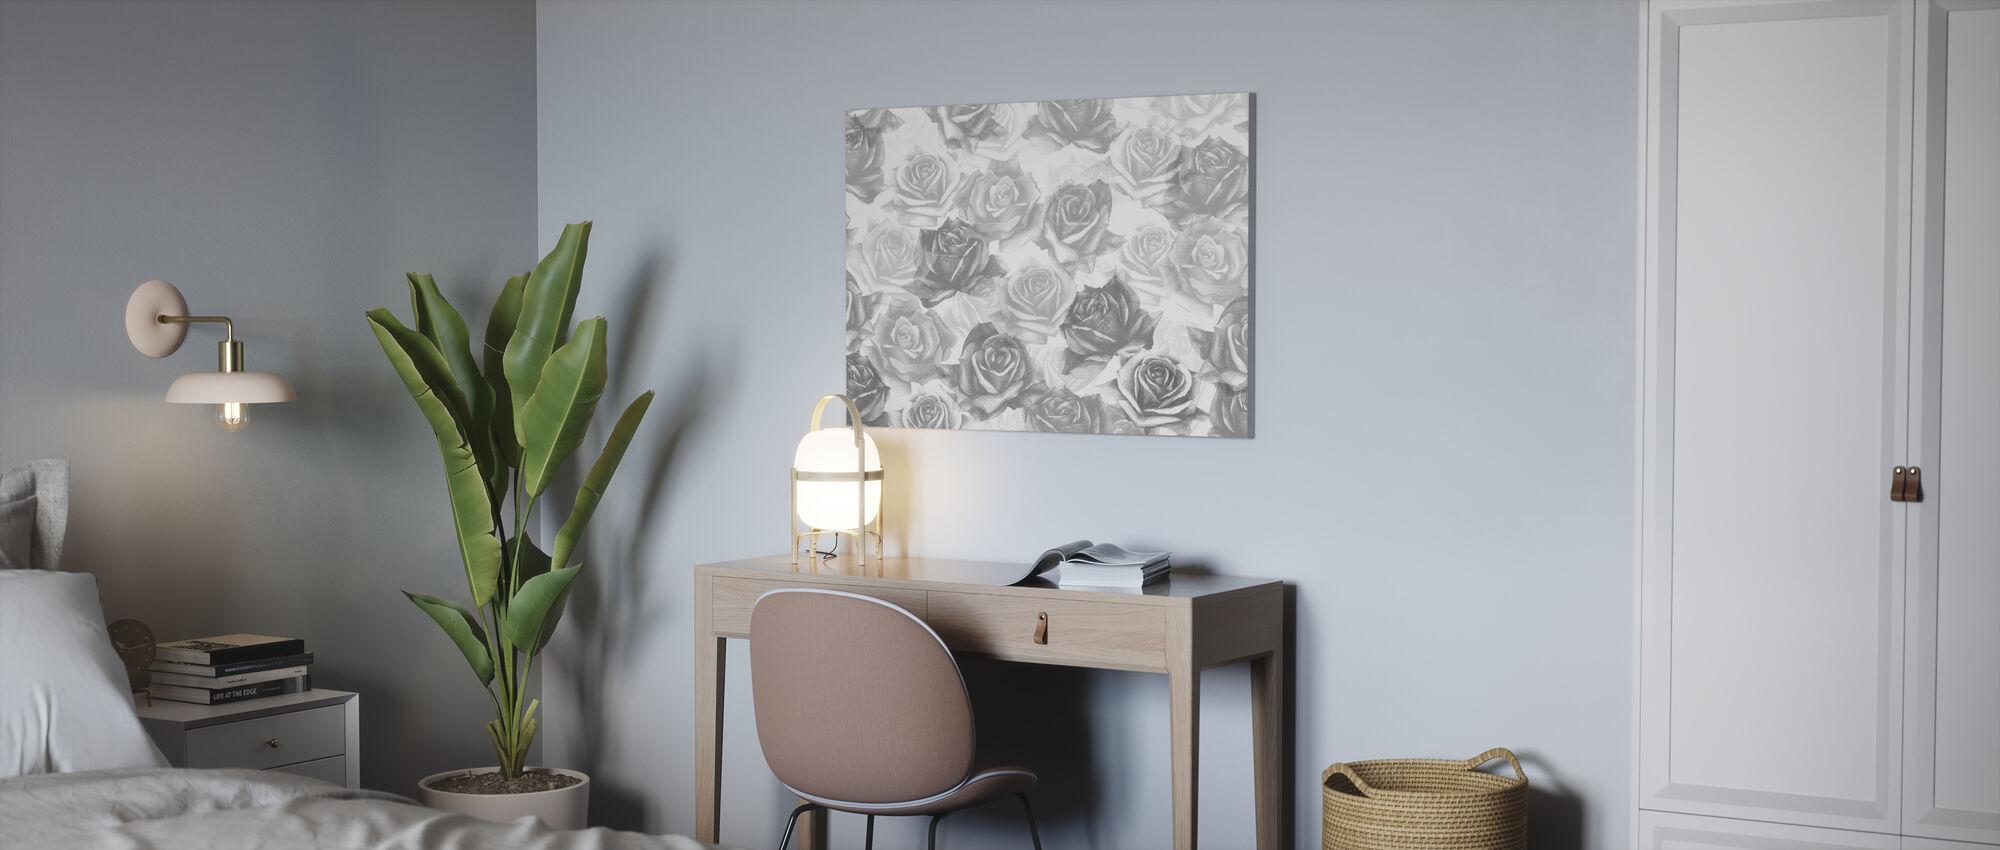 Mine grå roser - Billede på lærred - Kontor